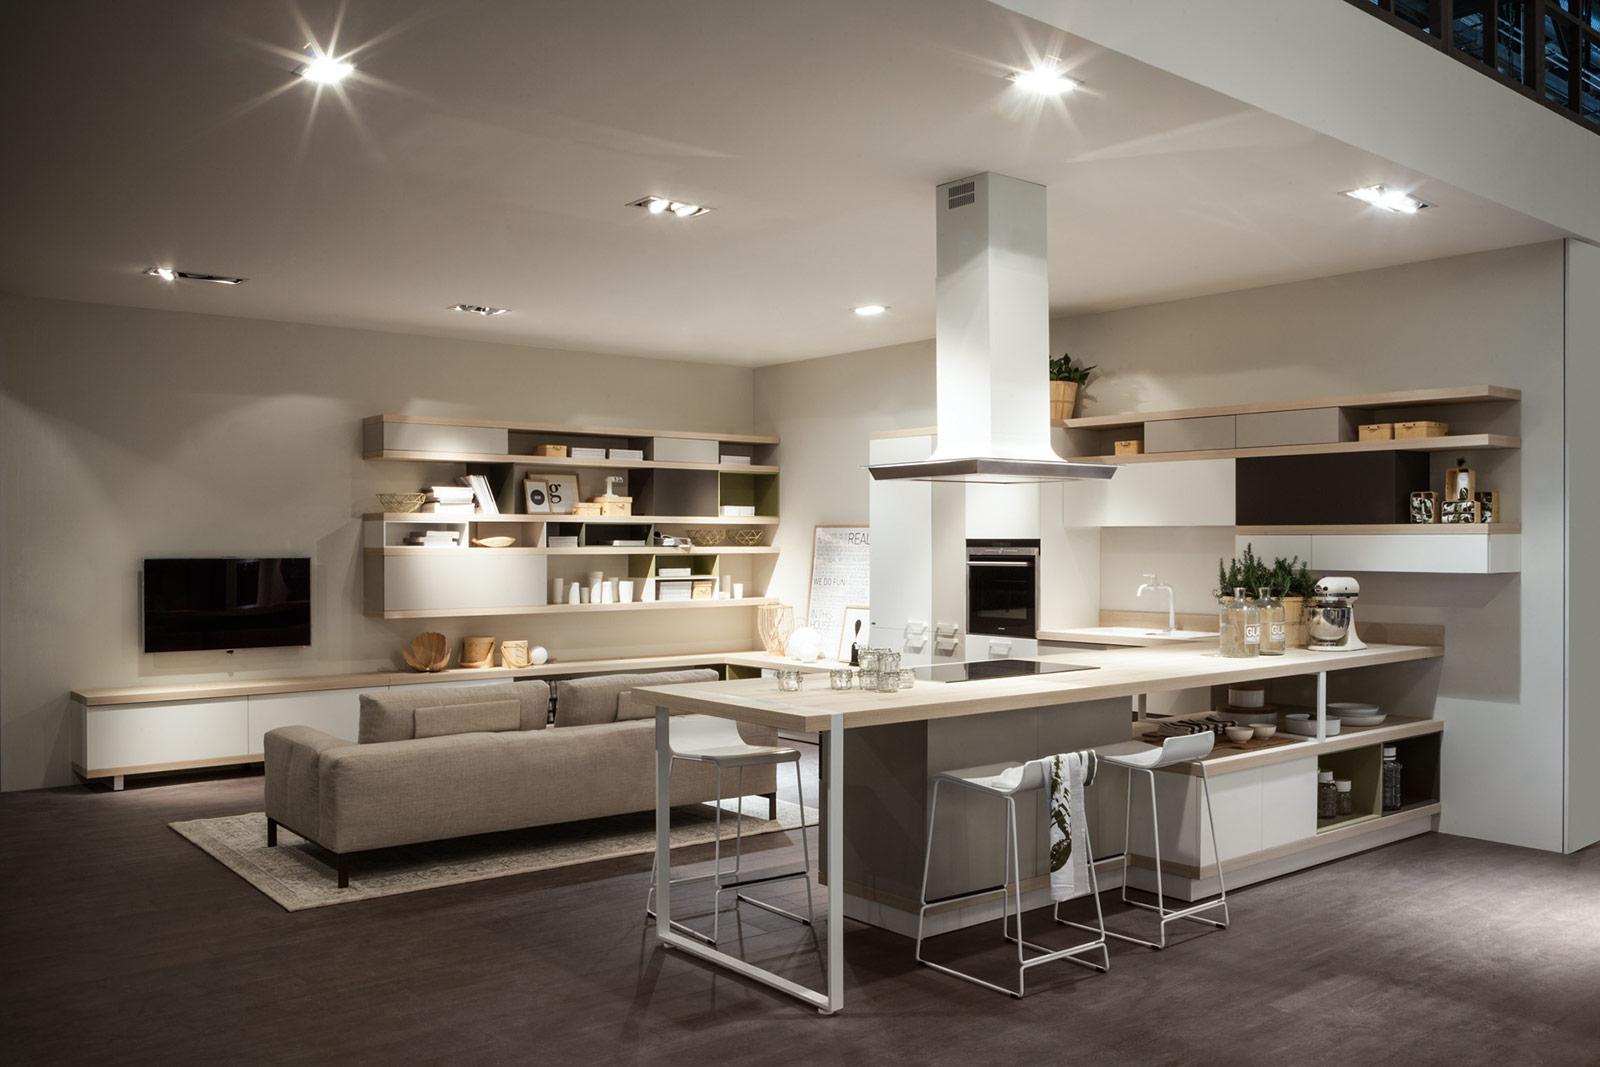 Progettare Online: Consigli Per Progettare La Ristrutturazione Di Casa #28495F 1600 1067 Come Arredare Un Ambiente Unico Cucina Soggiorno